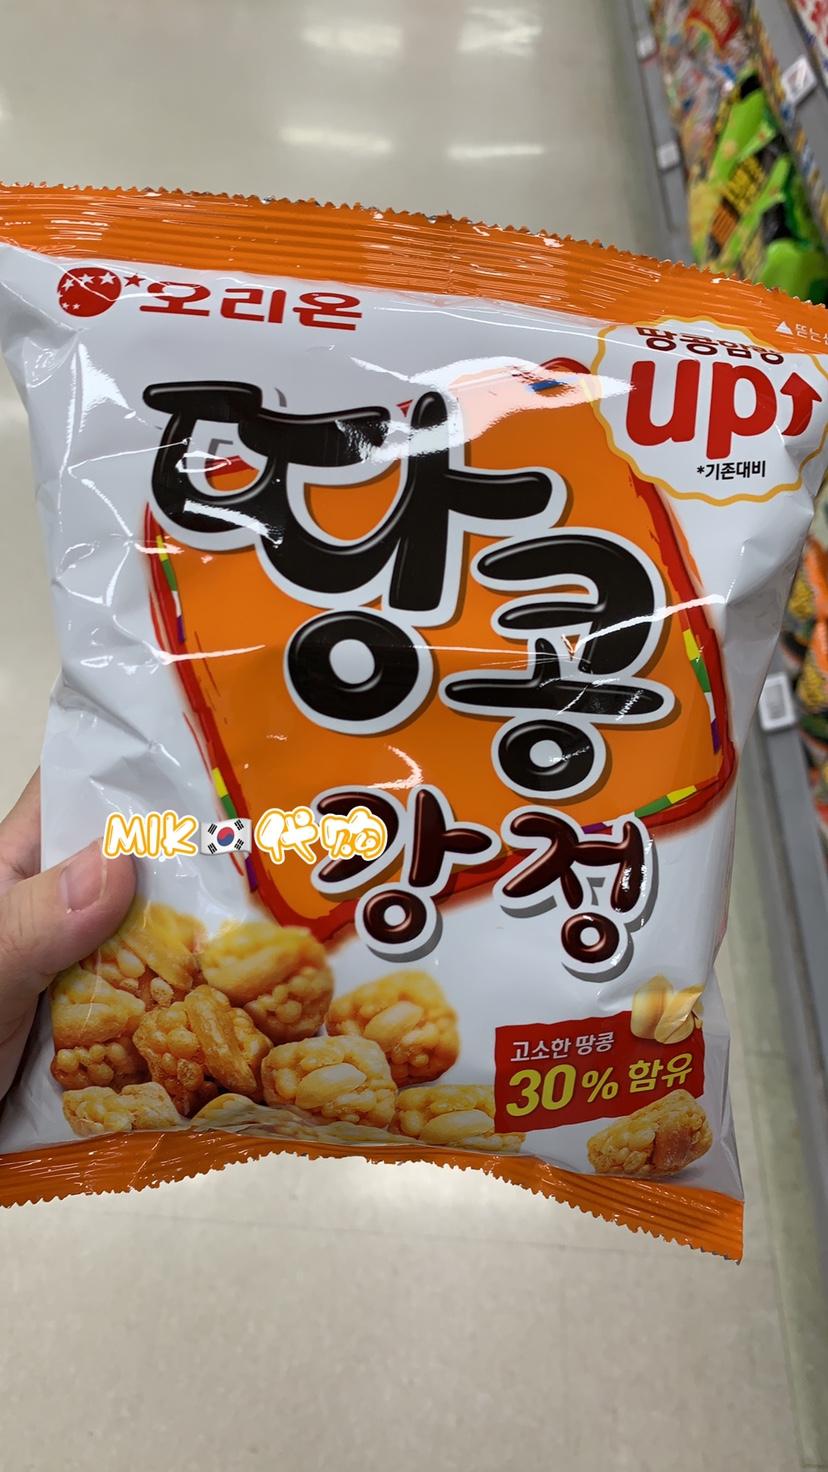 【韩国进口直邮 】好丽友花生膨化球爆米花167g零食小吃